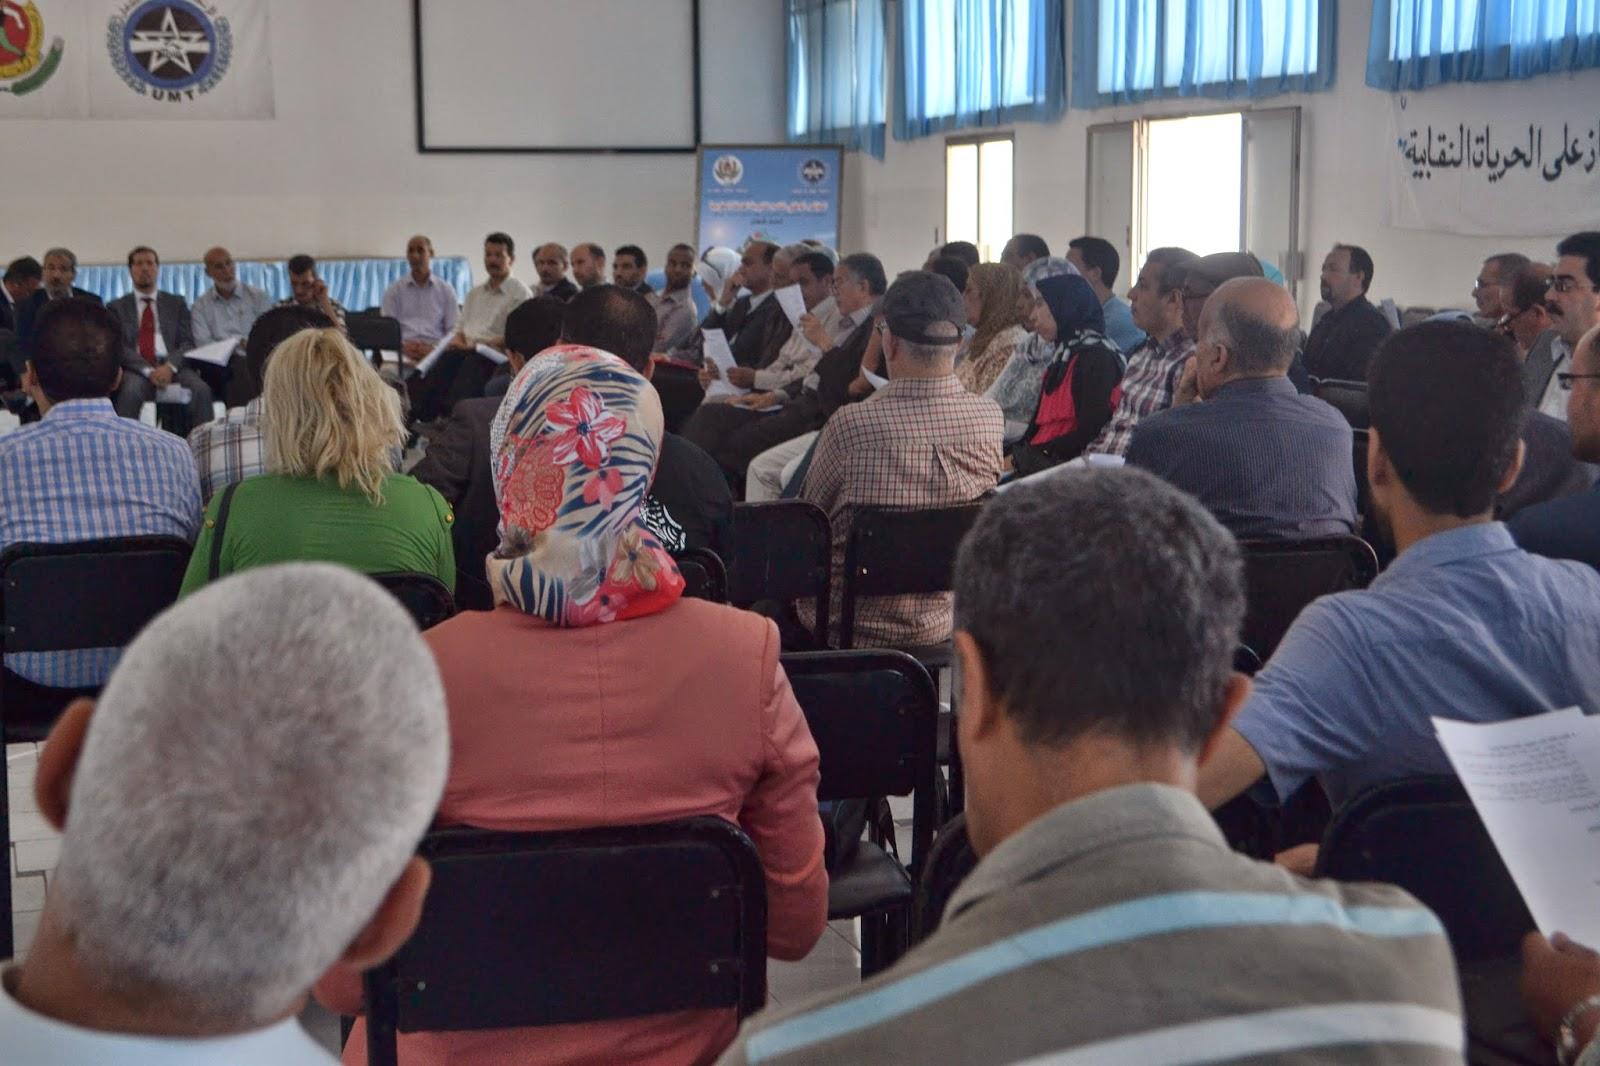 اشغال اجتماع اللجنة الادارية للجامعة الوطنية للصحة المنضوية تحت لواء الاتحاد المغربي للشغل مستمرة في هده الاثناء بالمقر المركزي للاتحاد المغربي للشغل بالدار البيضاء